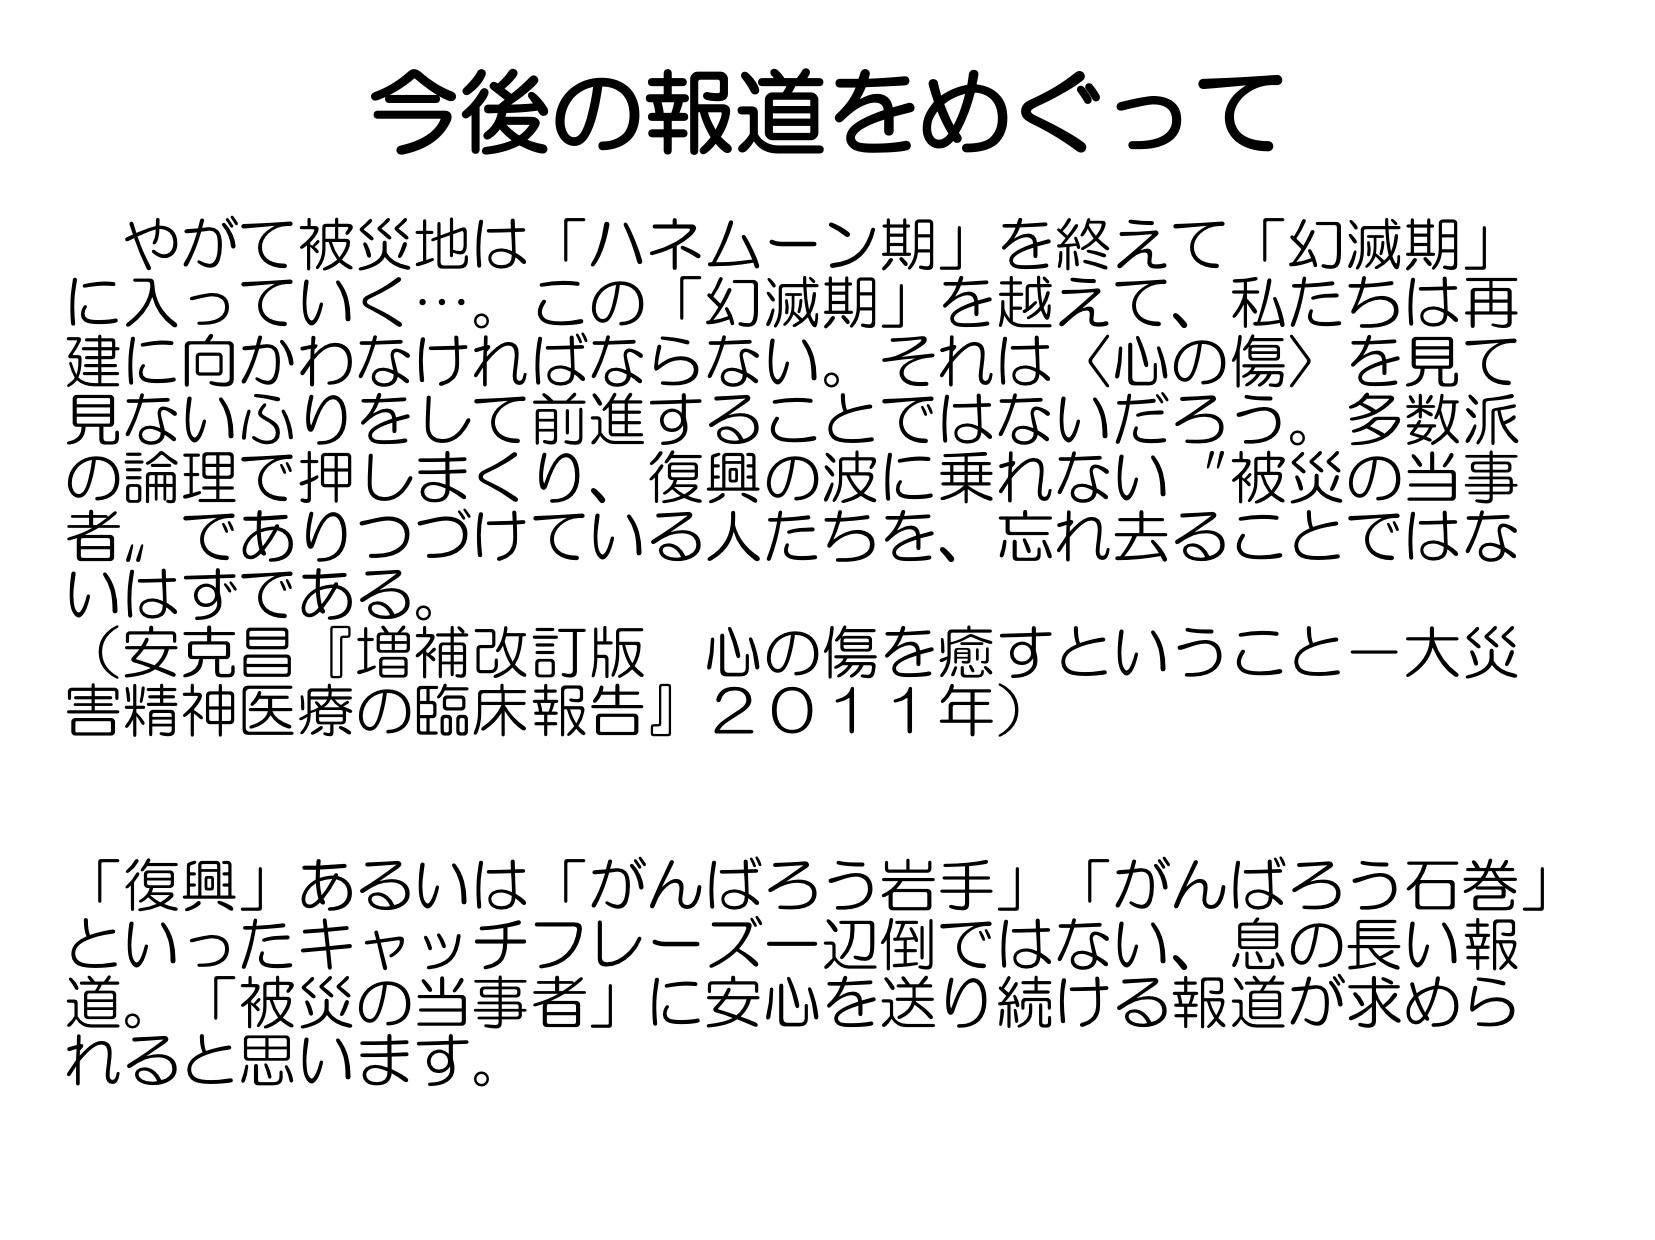 「震災と報道…心のケア、文化財、音楽」…③_a0103650_0575190.jpg